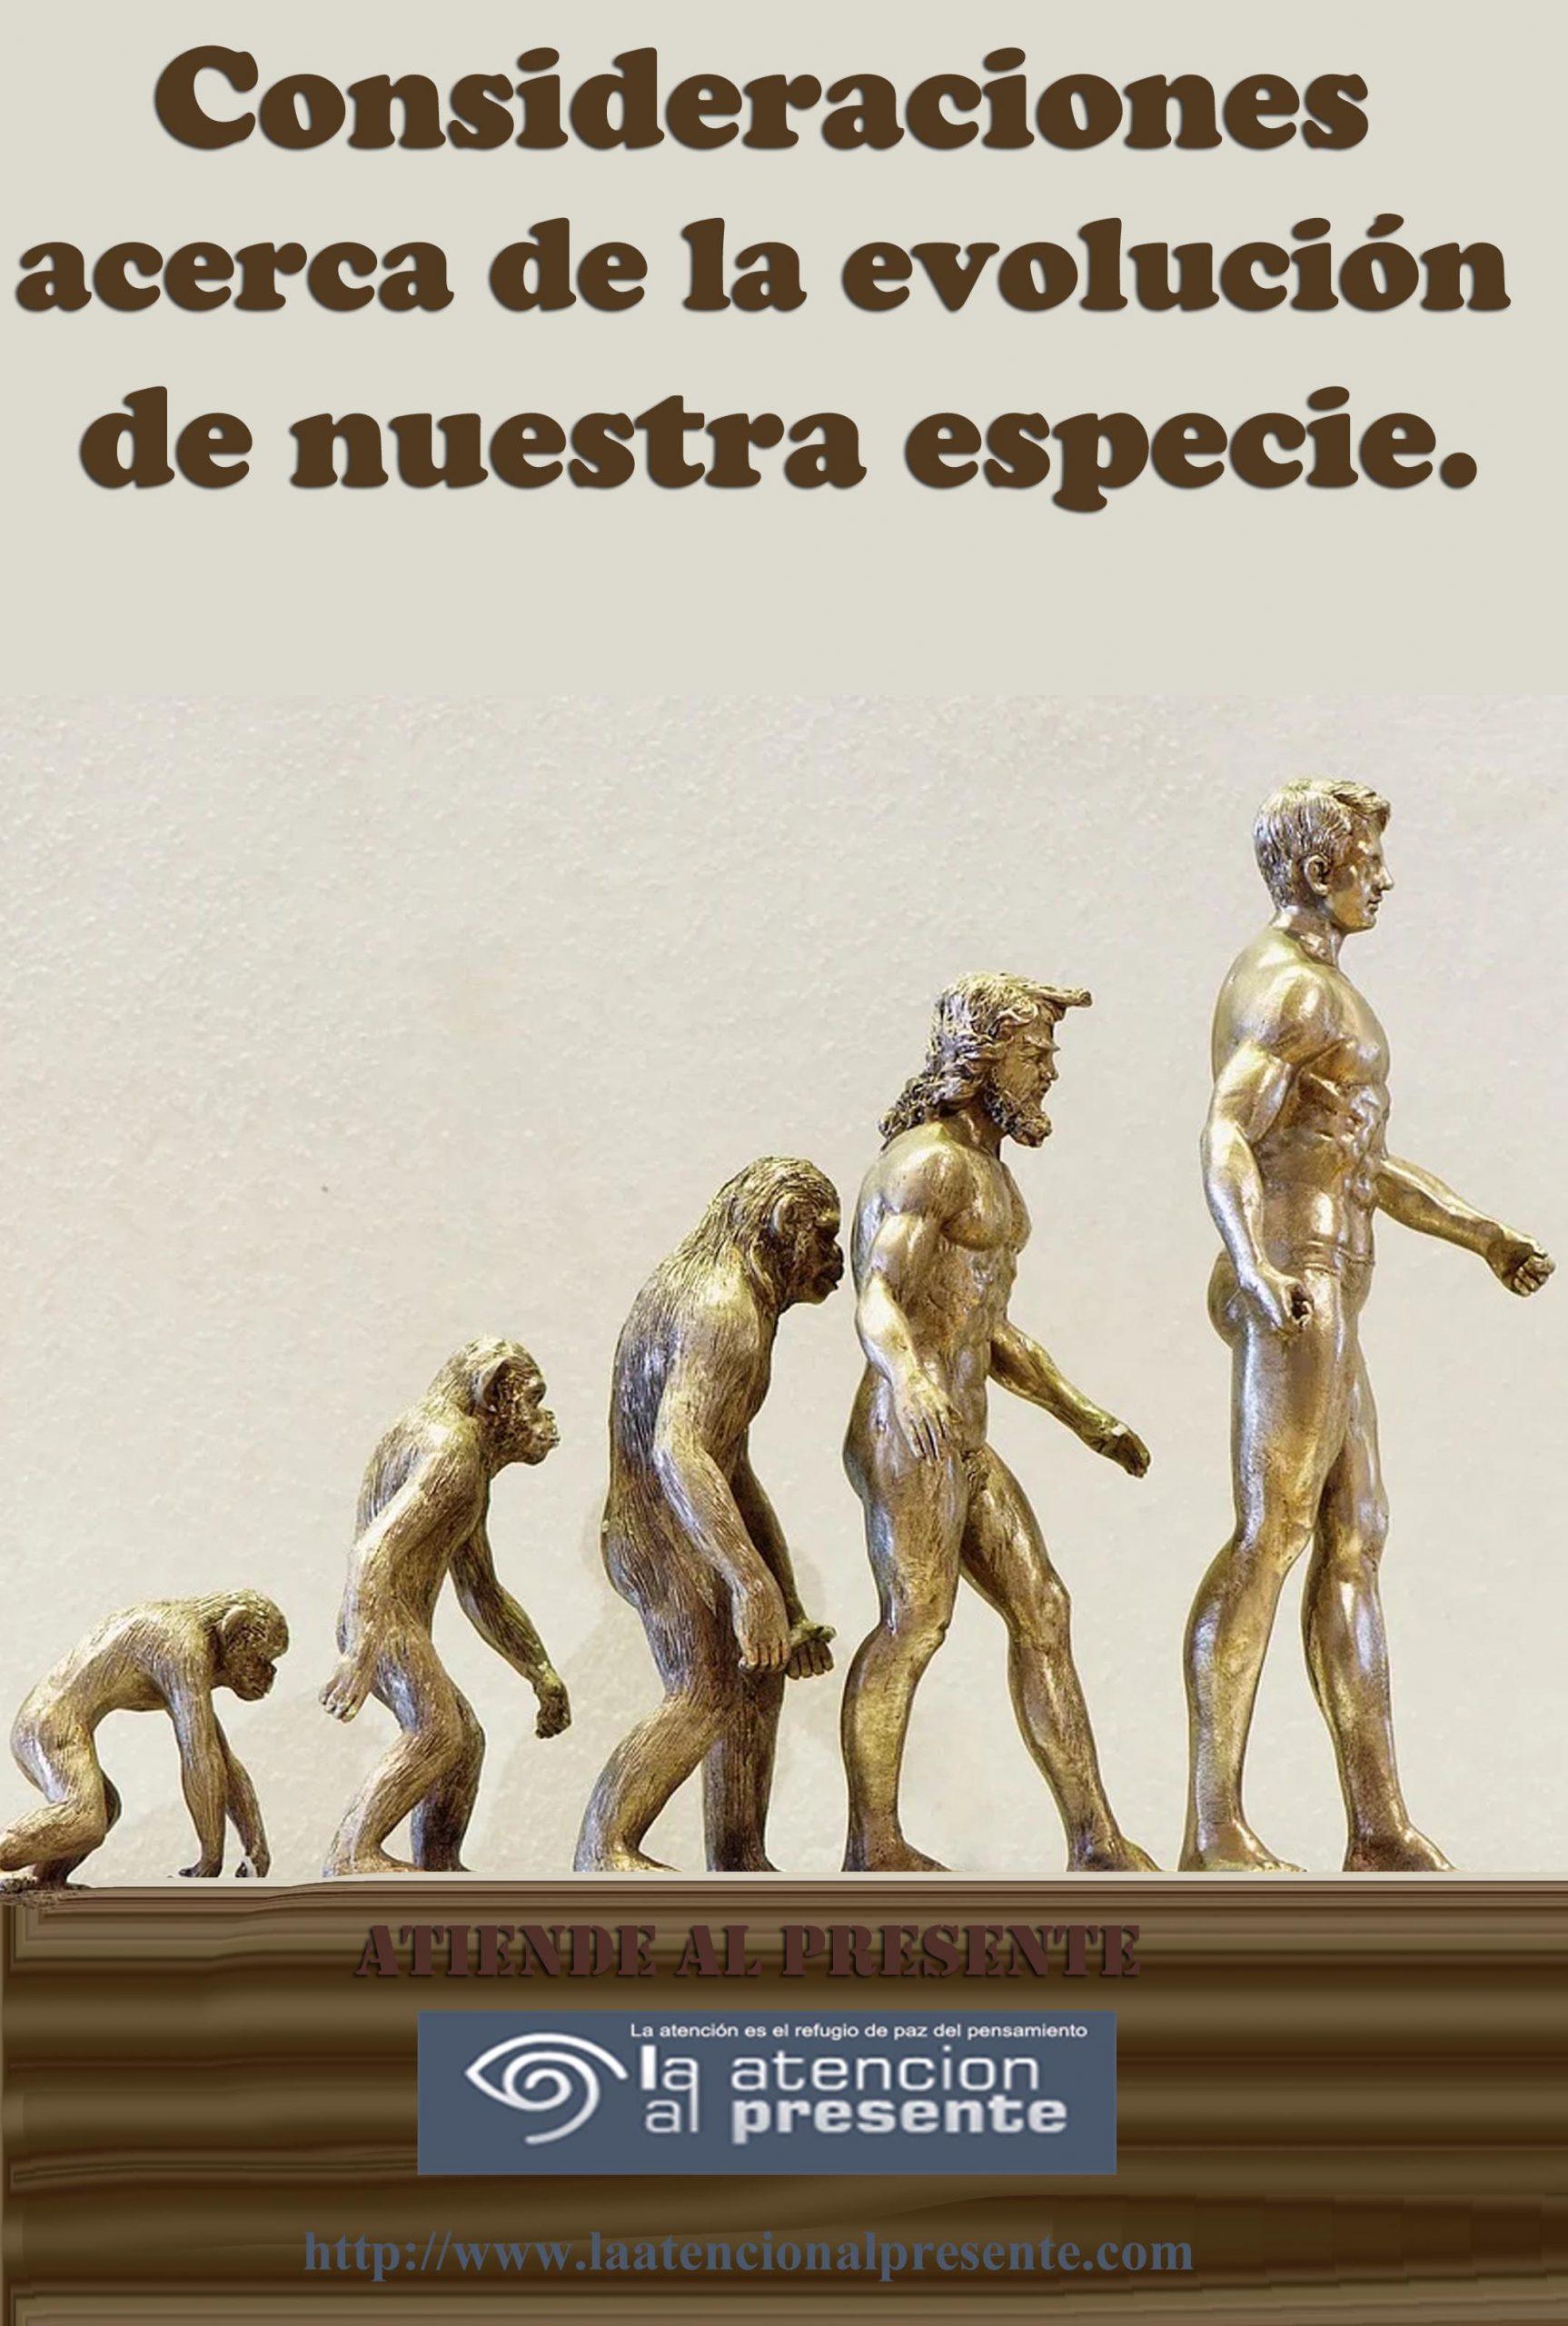 27 de setiembre E Consideraciones acerca de la evolucion de nuestra especie min scaled